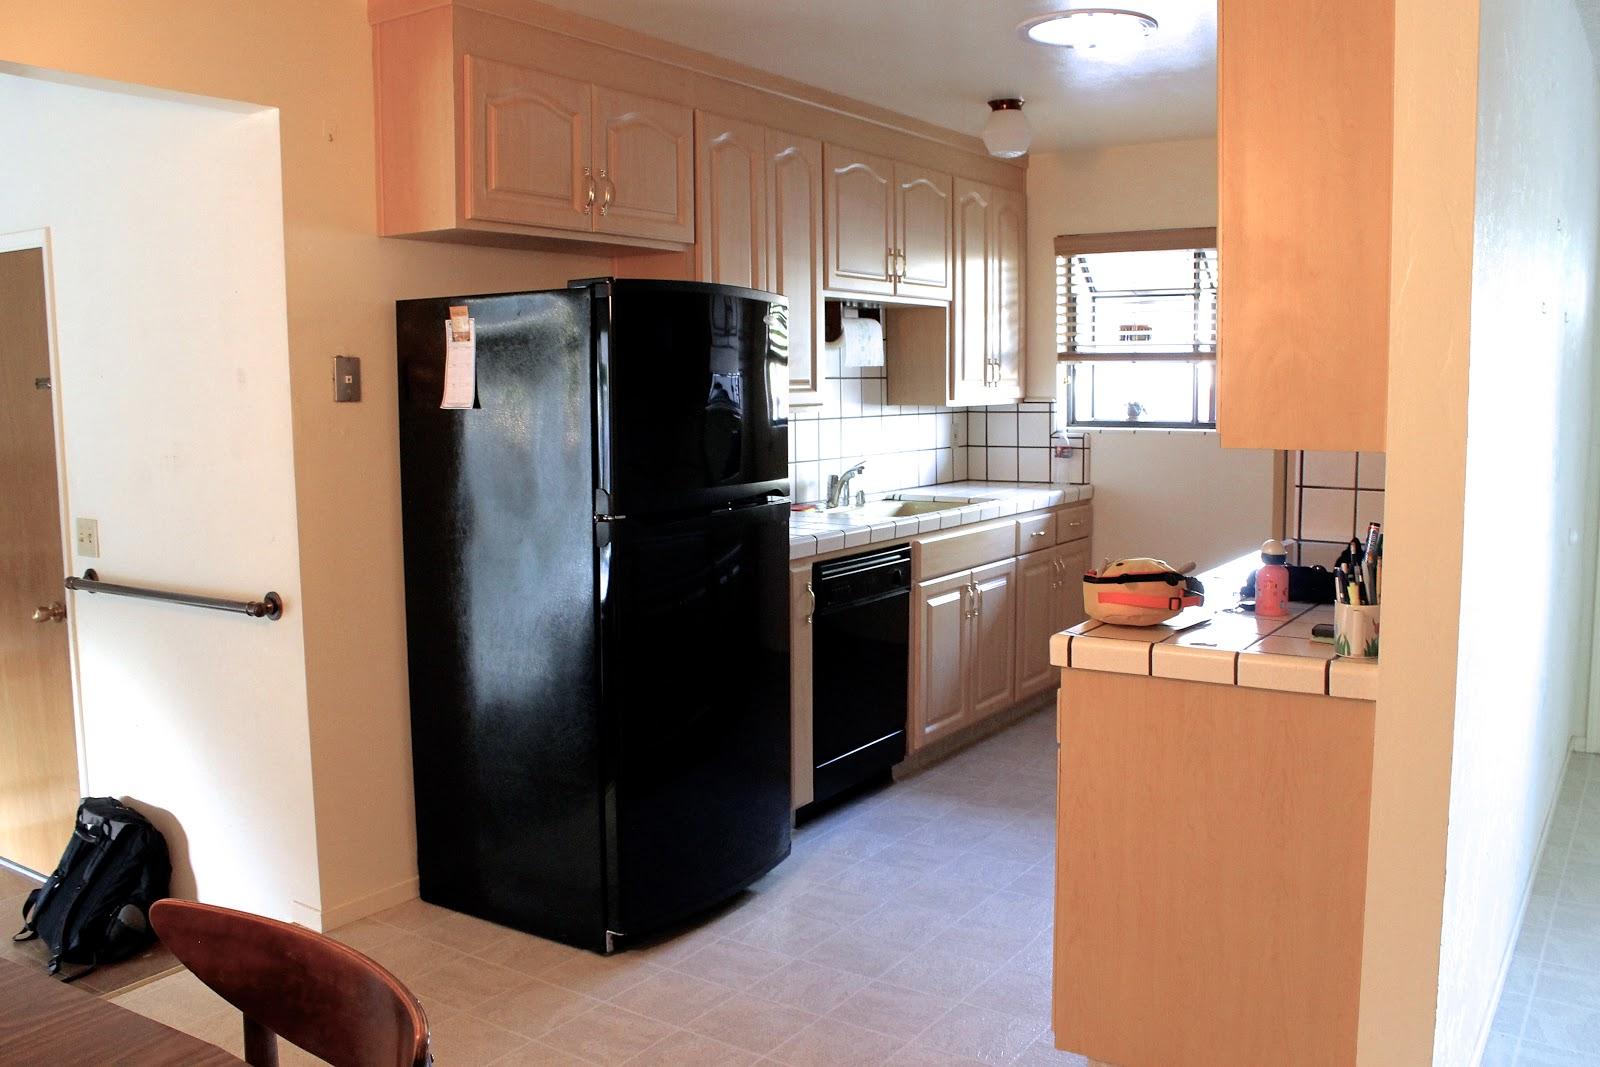 Black appliances in galley kitchen most in demand home design for Galley kitchen refrigerator